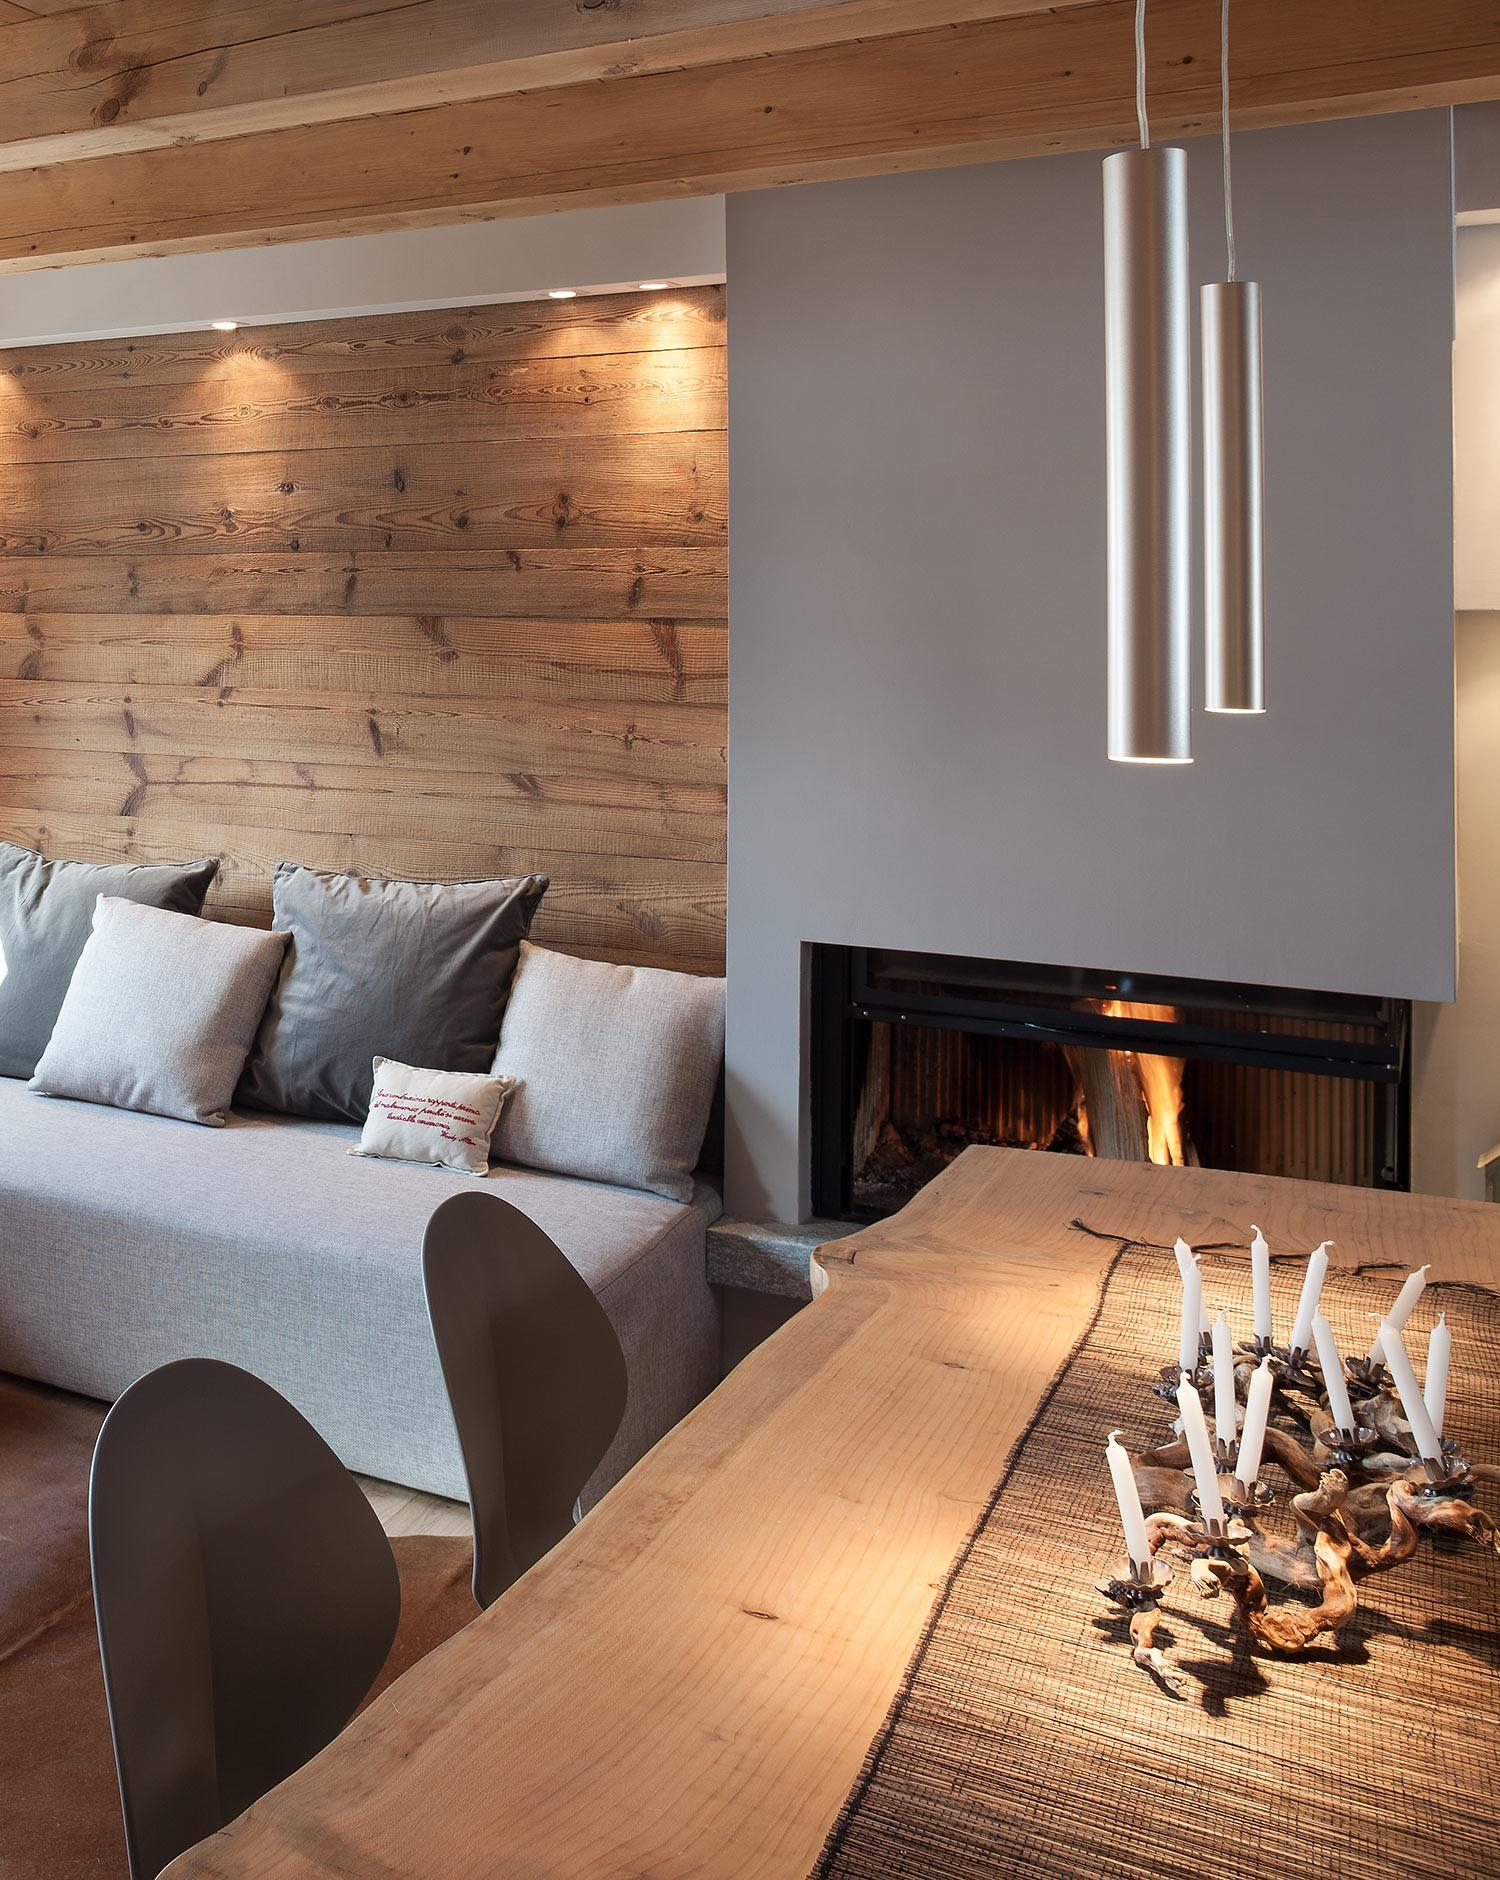 Chalet di design aosta stile rustico montagna westwing for Piani di casa in stile isolano